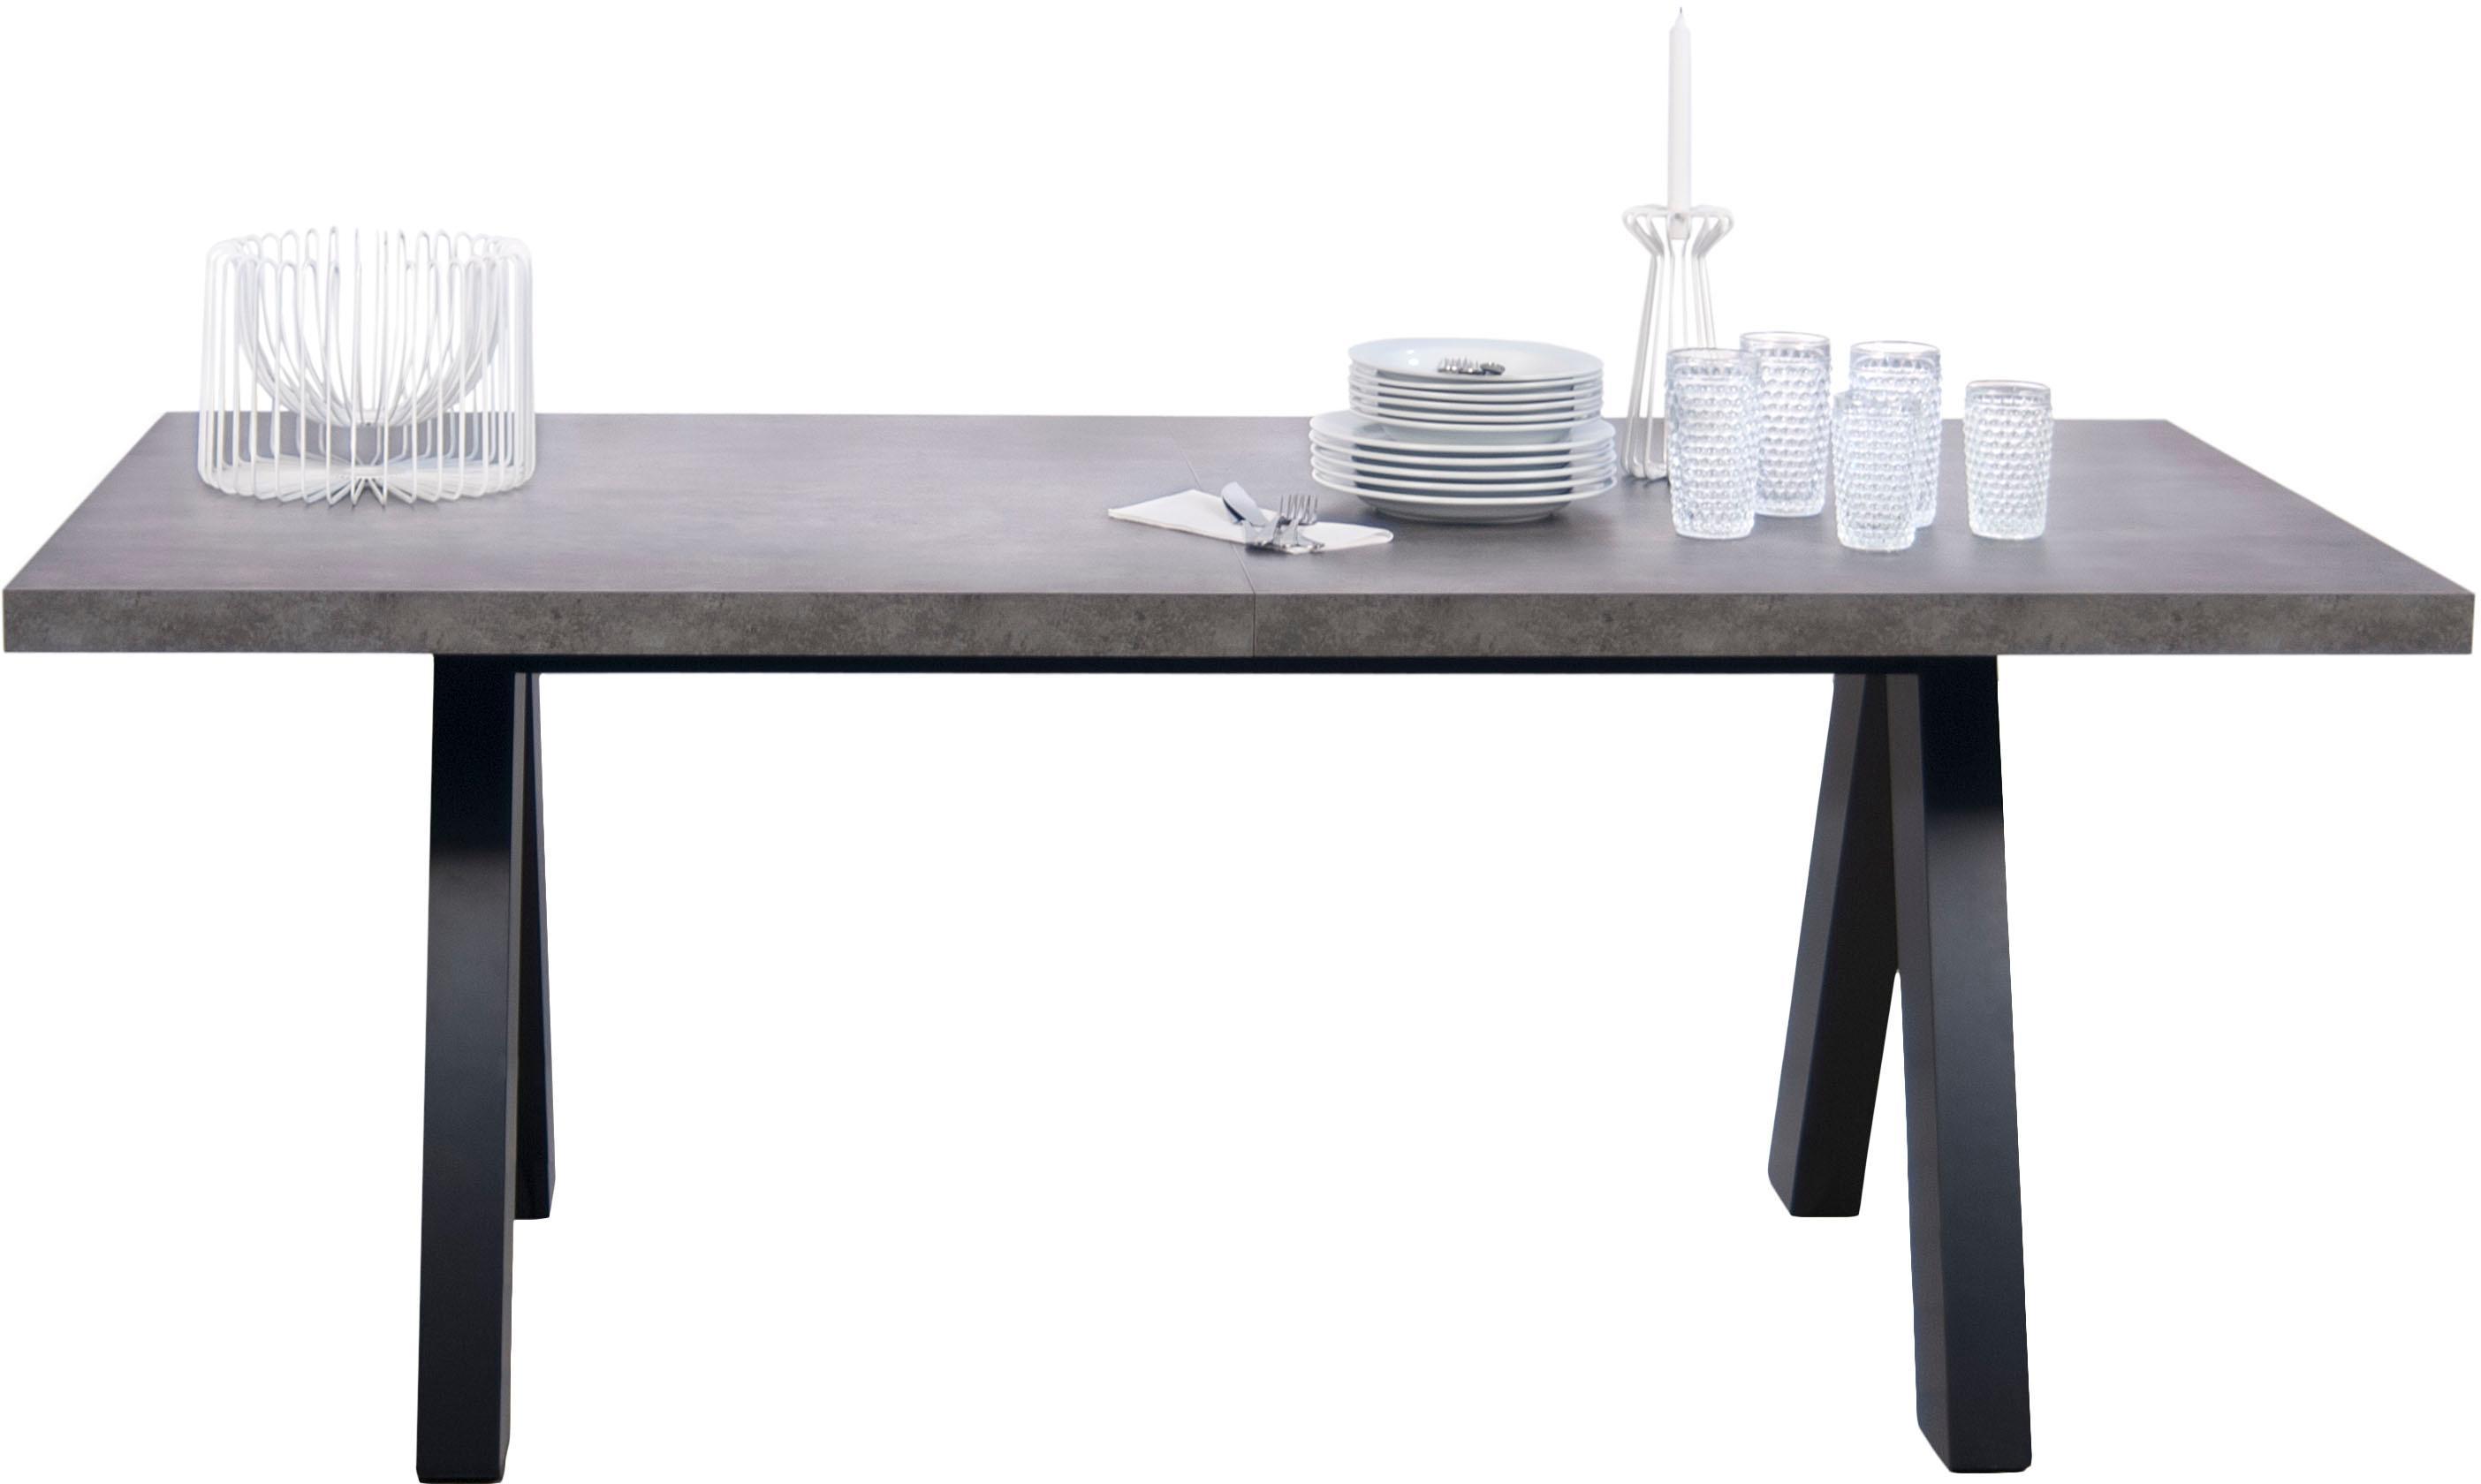 Verlängerbarer Esstisch Apex in Beton-Optik, Tischplatte: Leichtbau-Wabenstruktur, , Beine: Mitteldichte Holzfaserpla, Betonimitat, Schwarz, B 200 bis 250 x T 100 cm